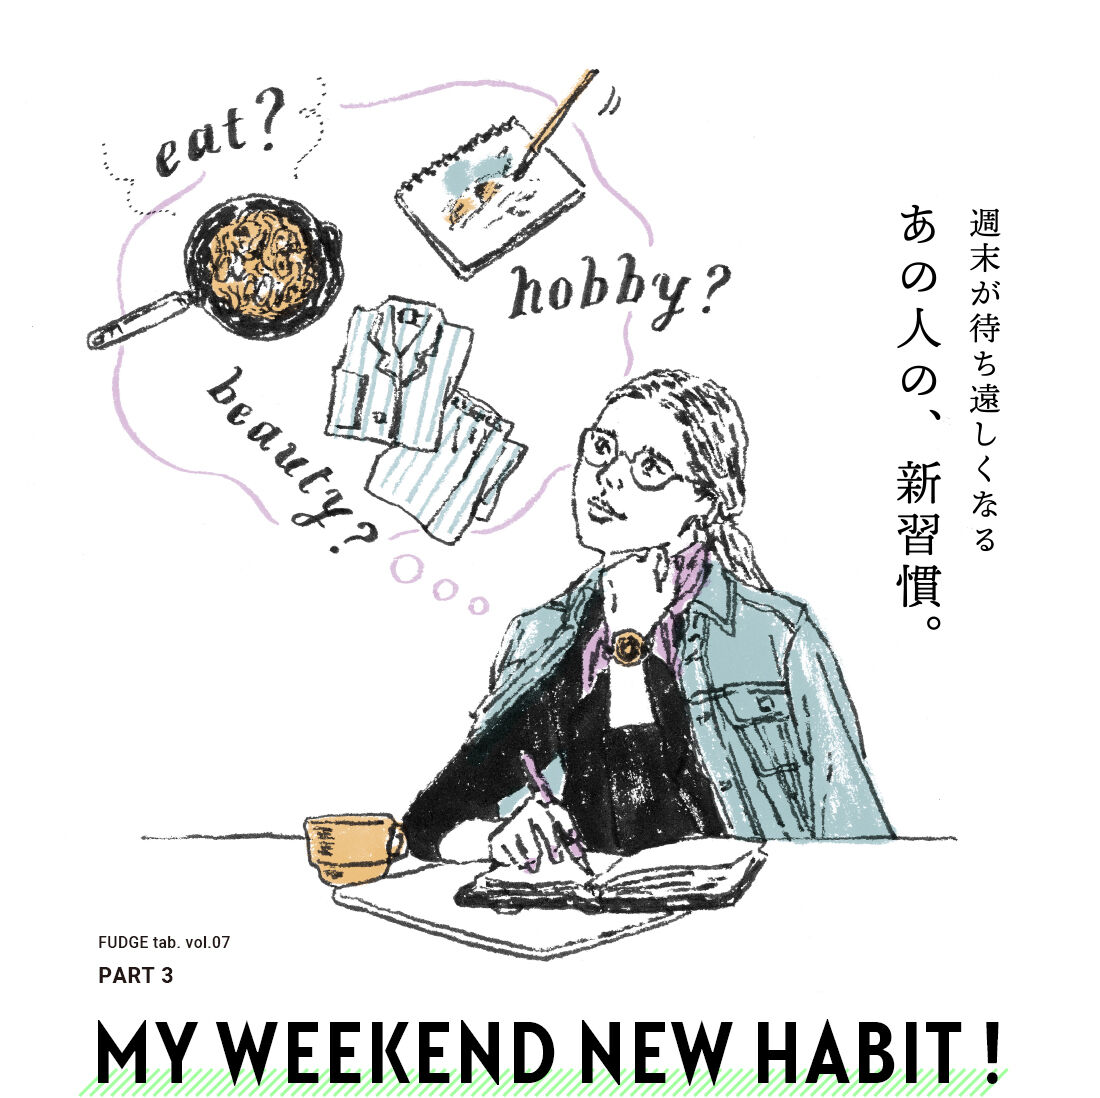 fudge tab.vol.07 MY WEEKEND NEW HABIT! 週末が待ち遠しくなる あの人の、新習慣。